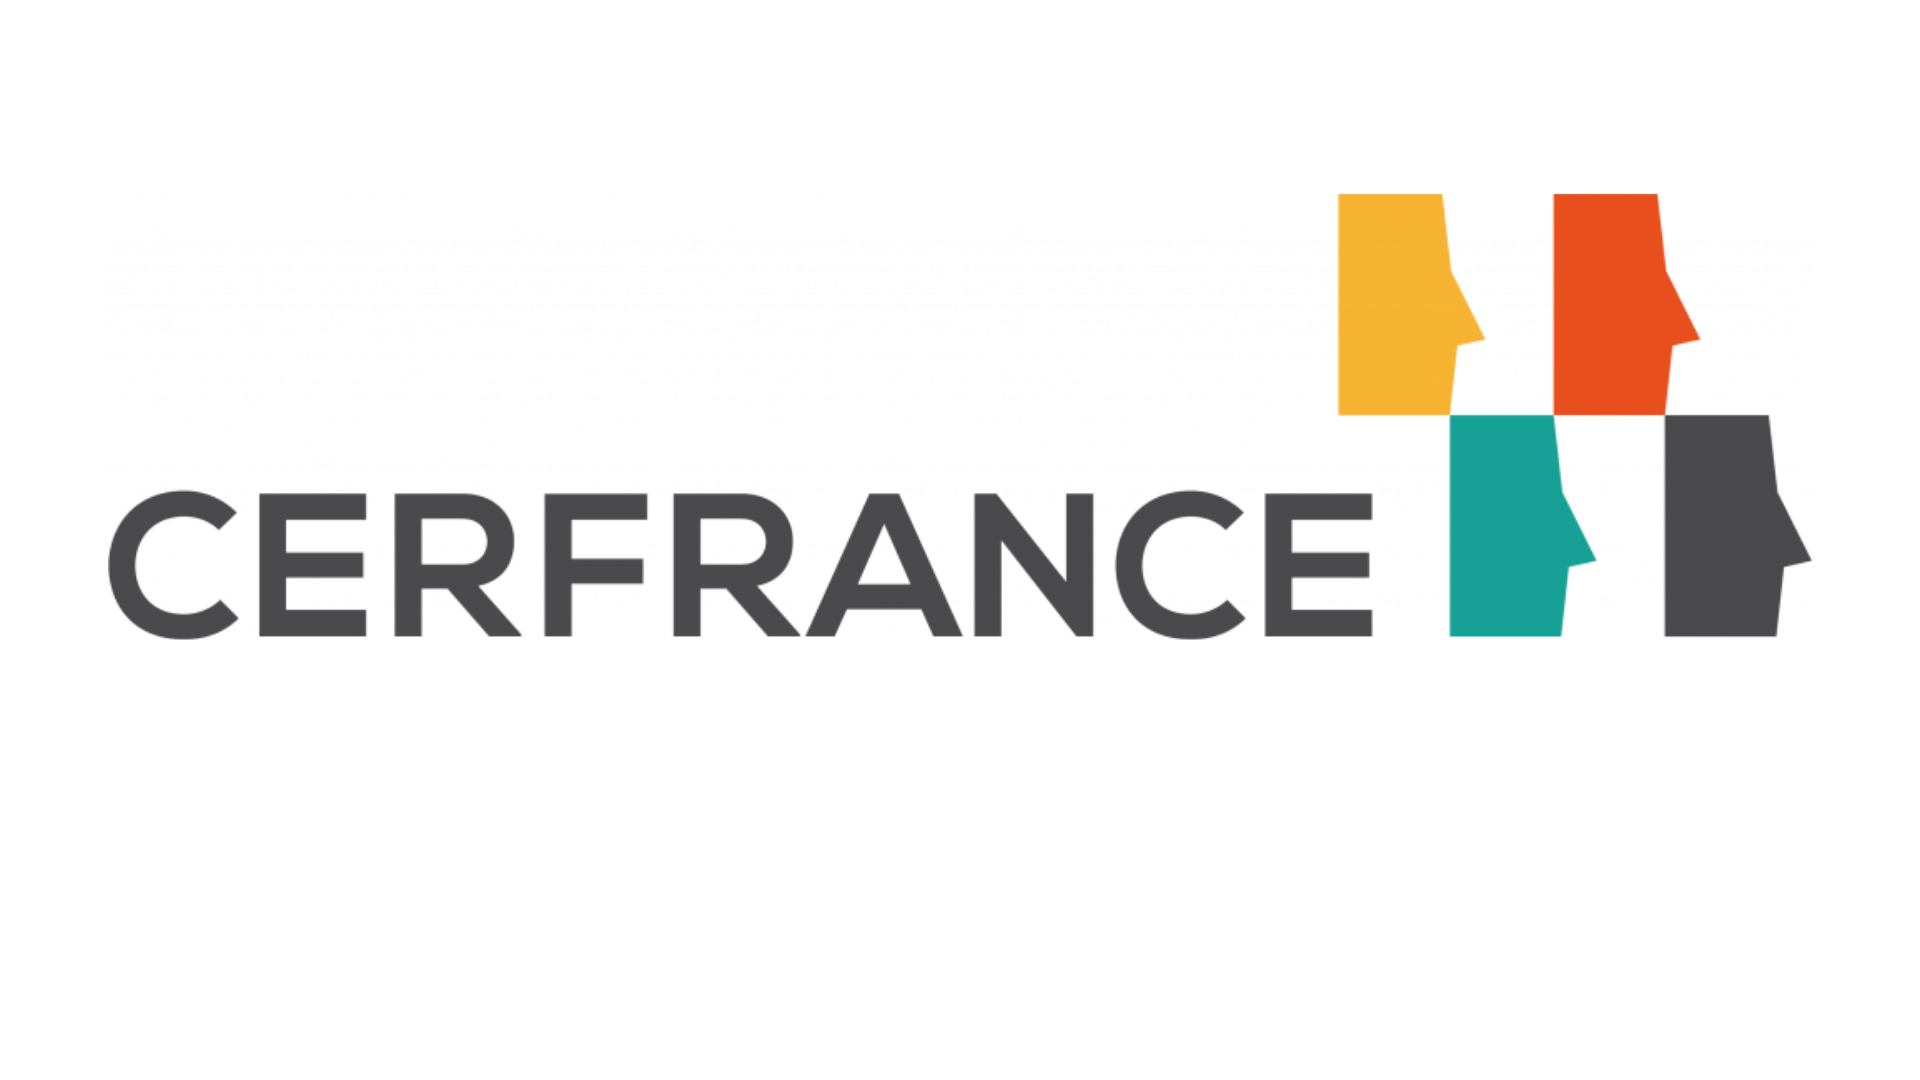 Cerfrance Saint-Dizier